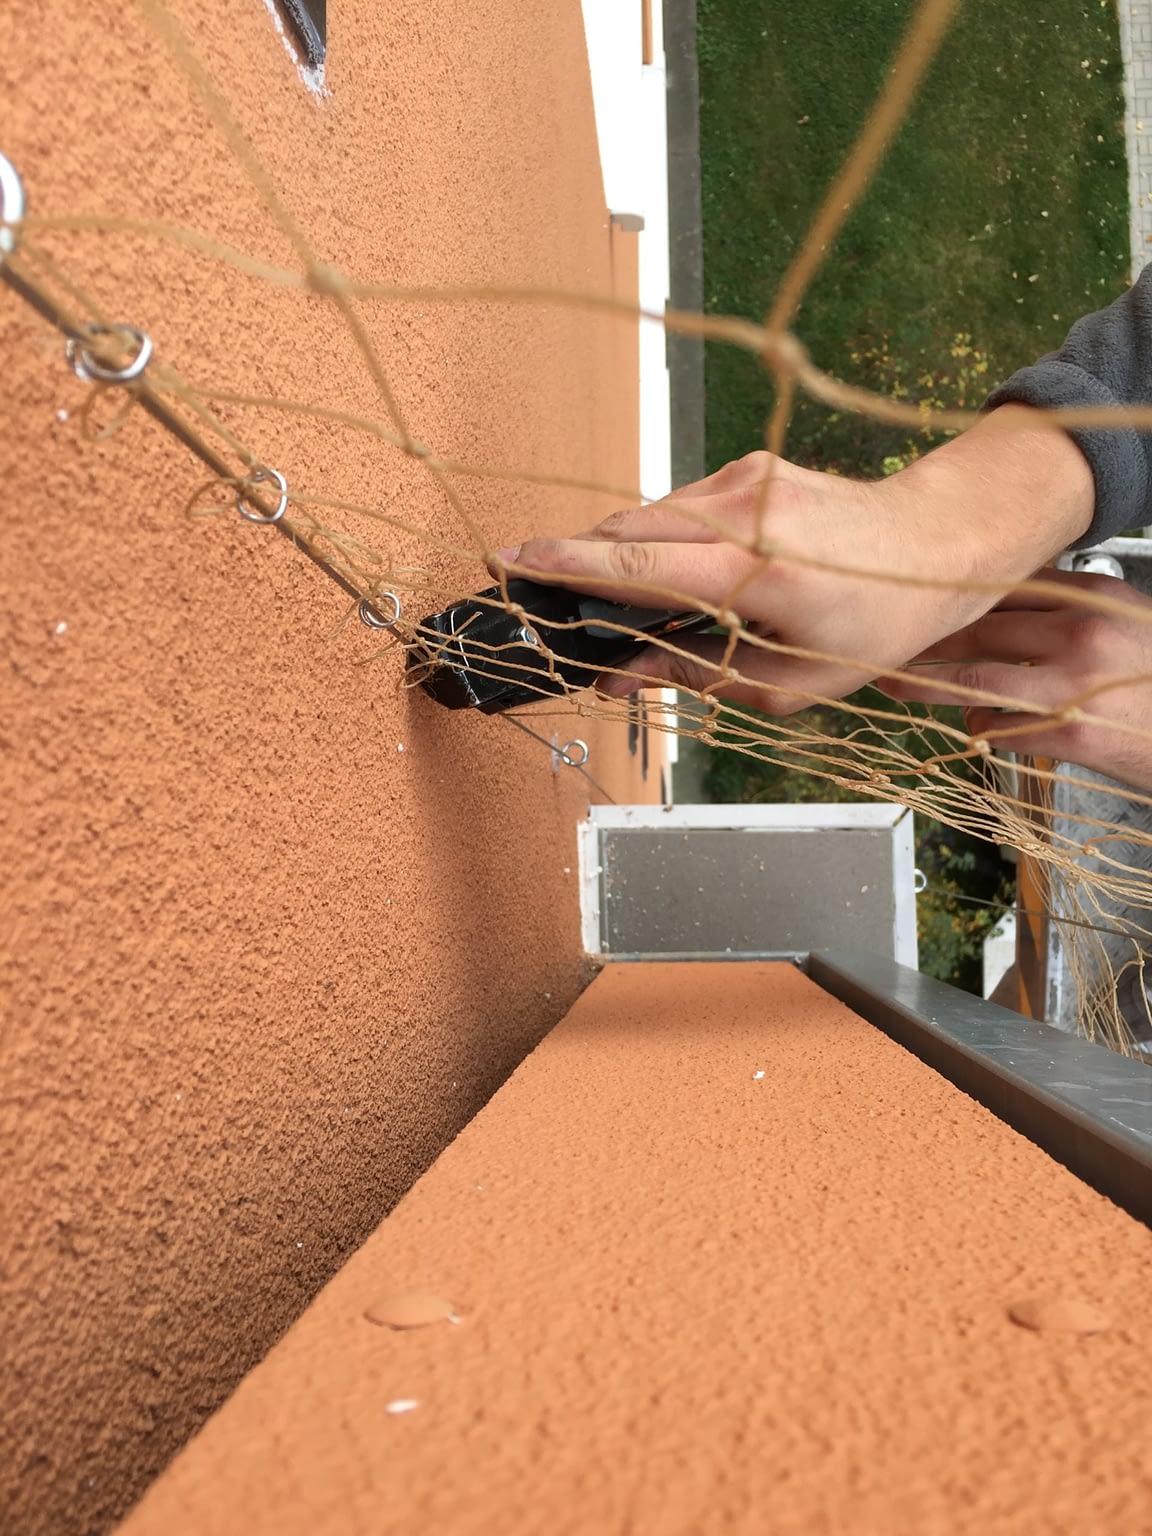 Instalace sítě proti holubům